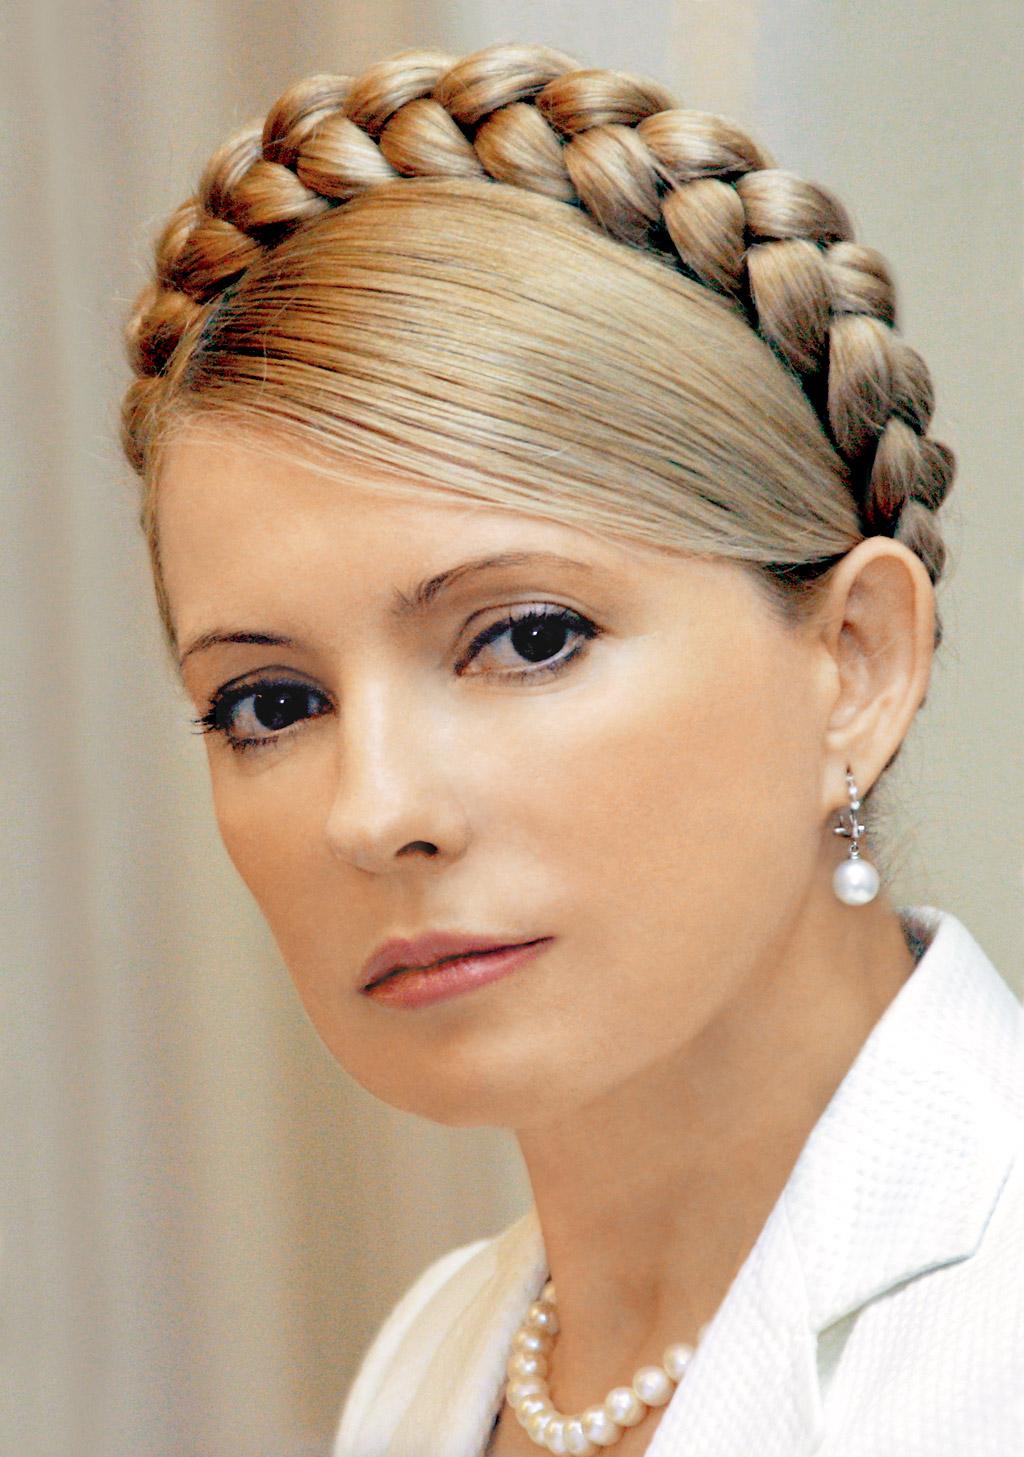 Yulia Tymoshenko The Graceful Beauty With Intelligence